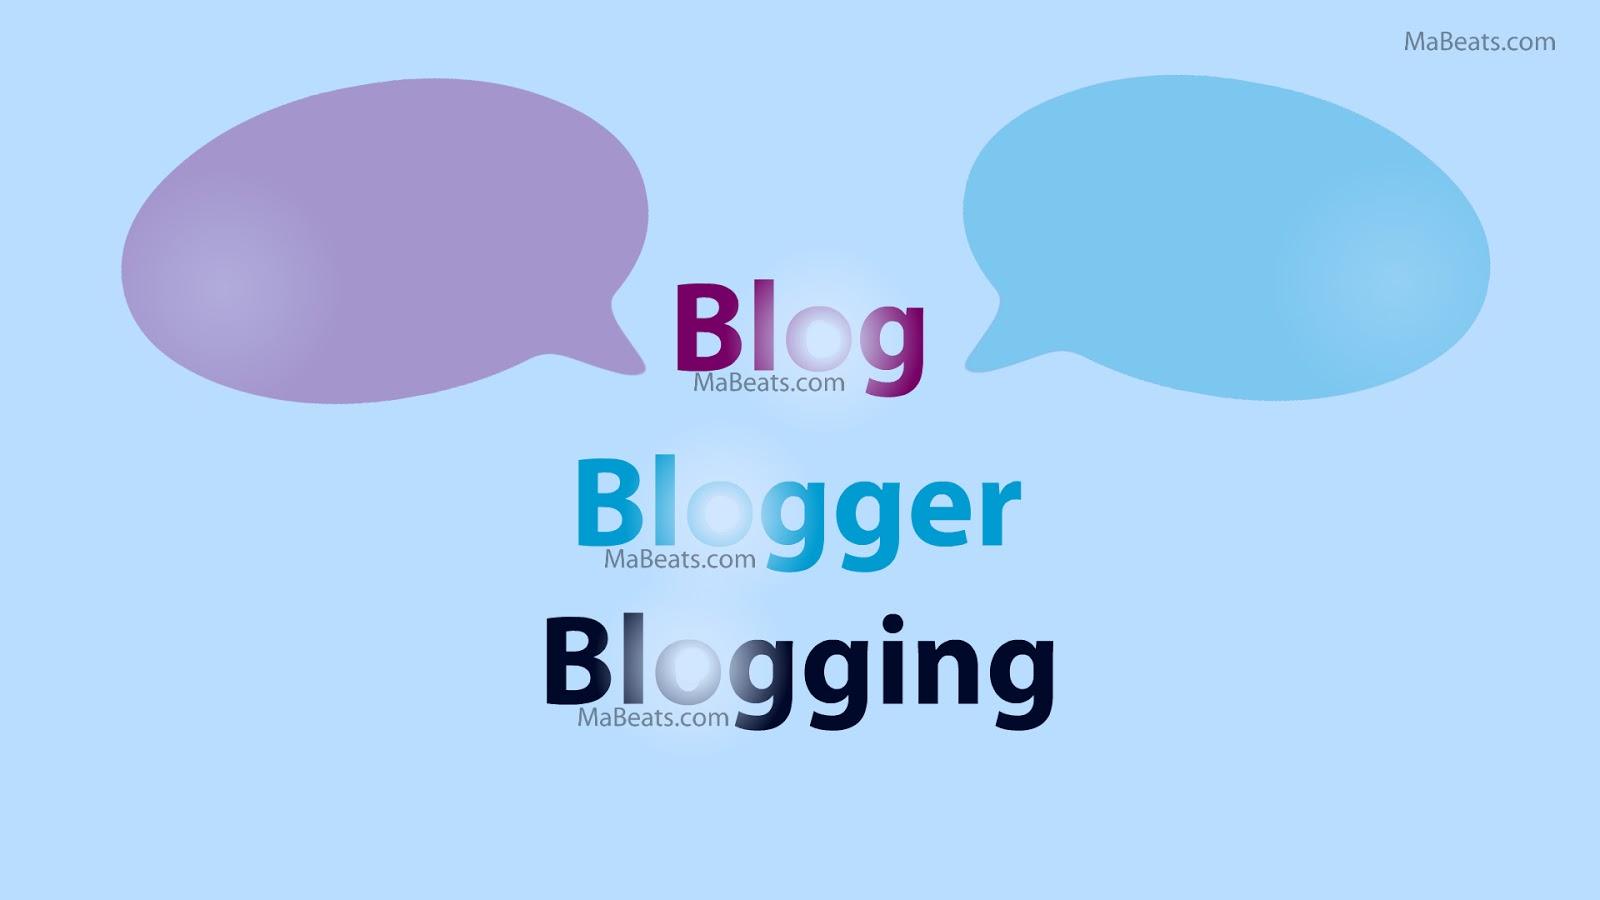 Blogging, blog, blogger